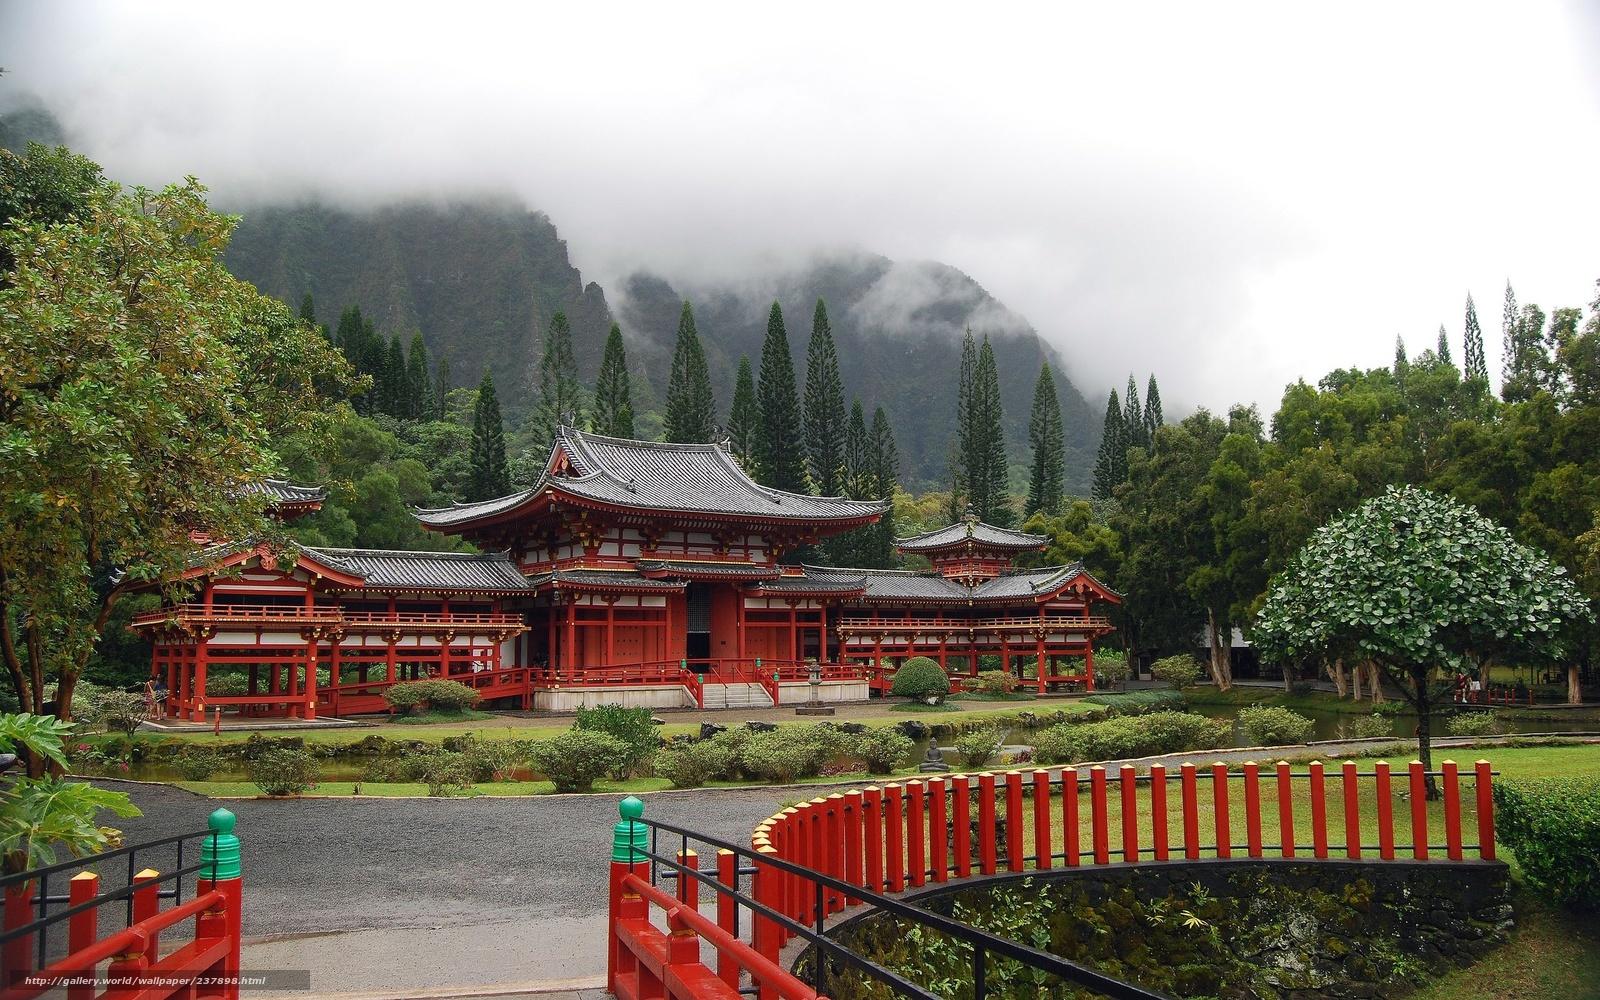 Скачать обои храм,   пагода,   горы,   туман бесплатно для рабочего стола в разрешении 2560x1600 — картинка №237898